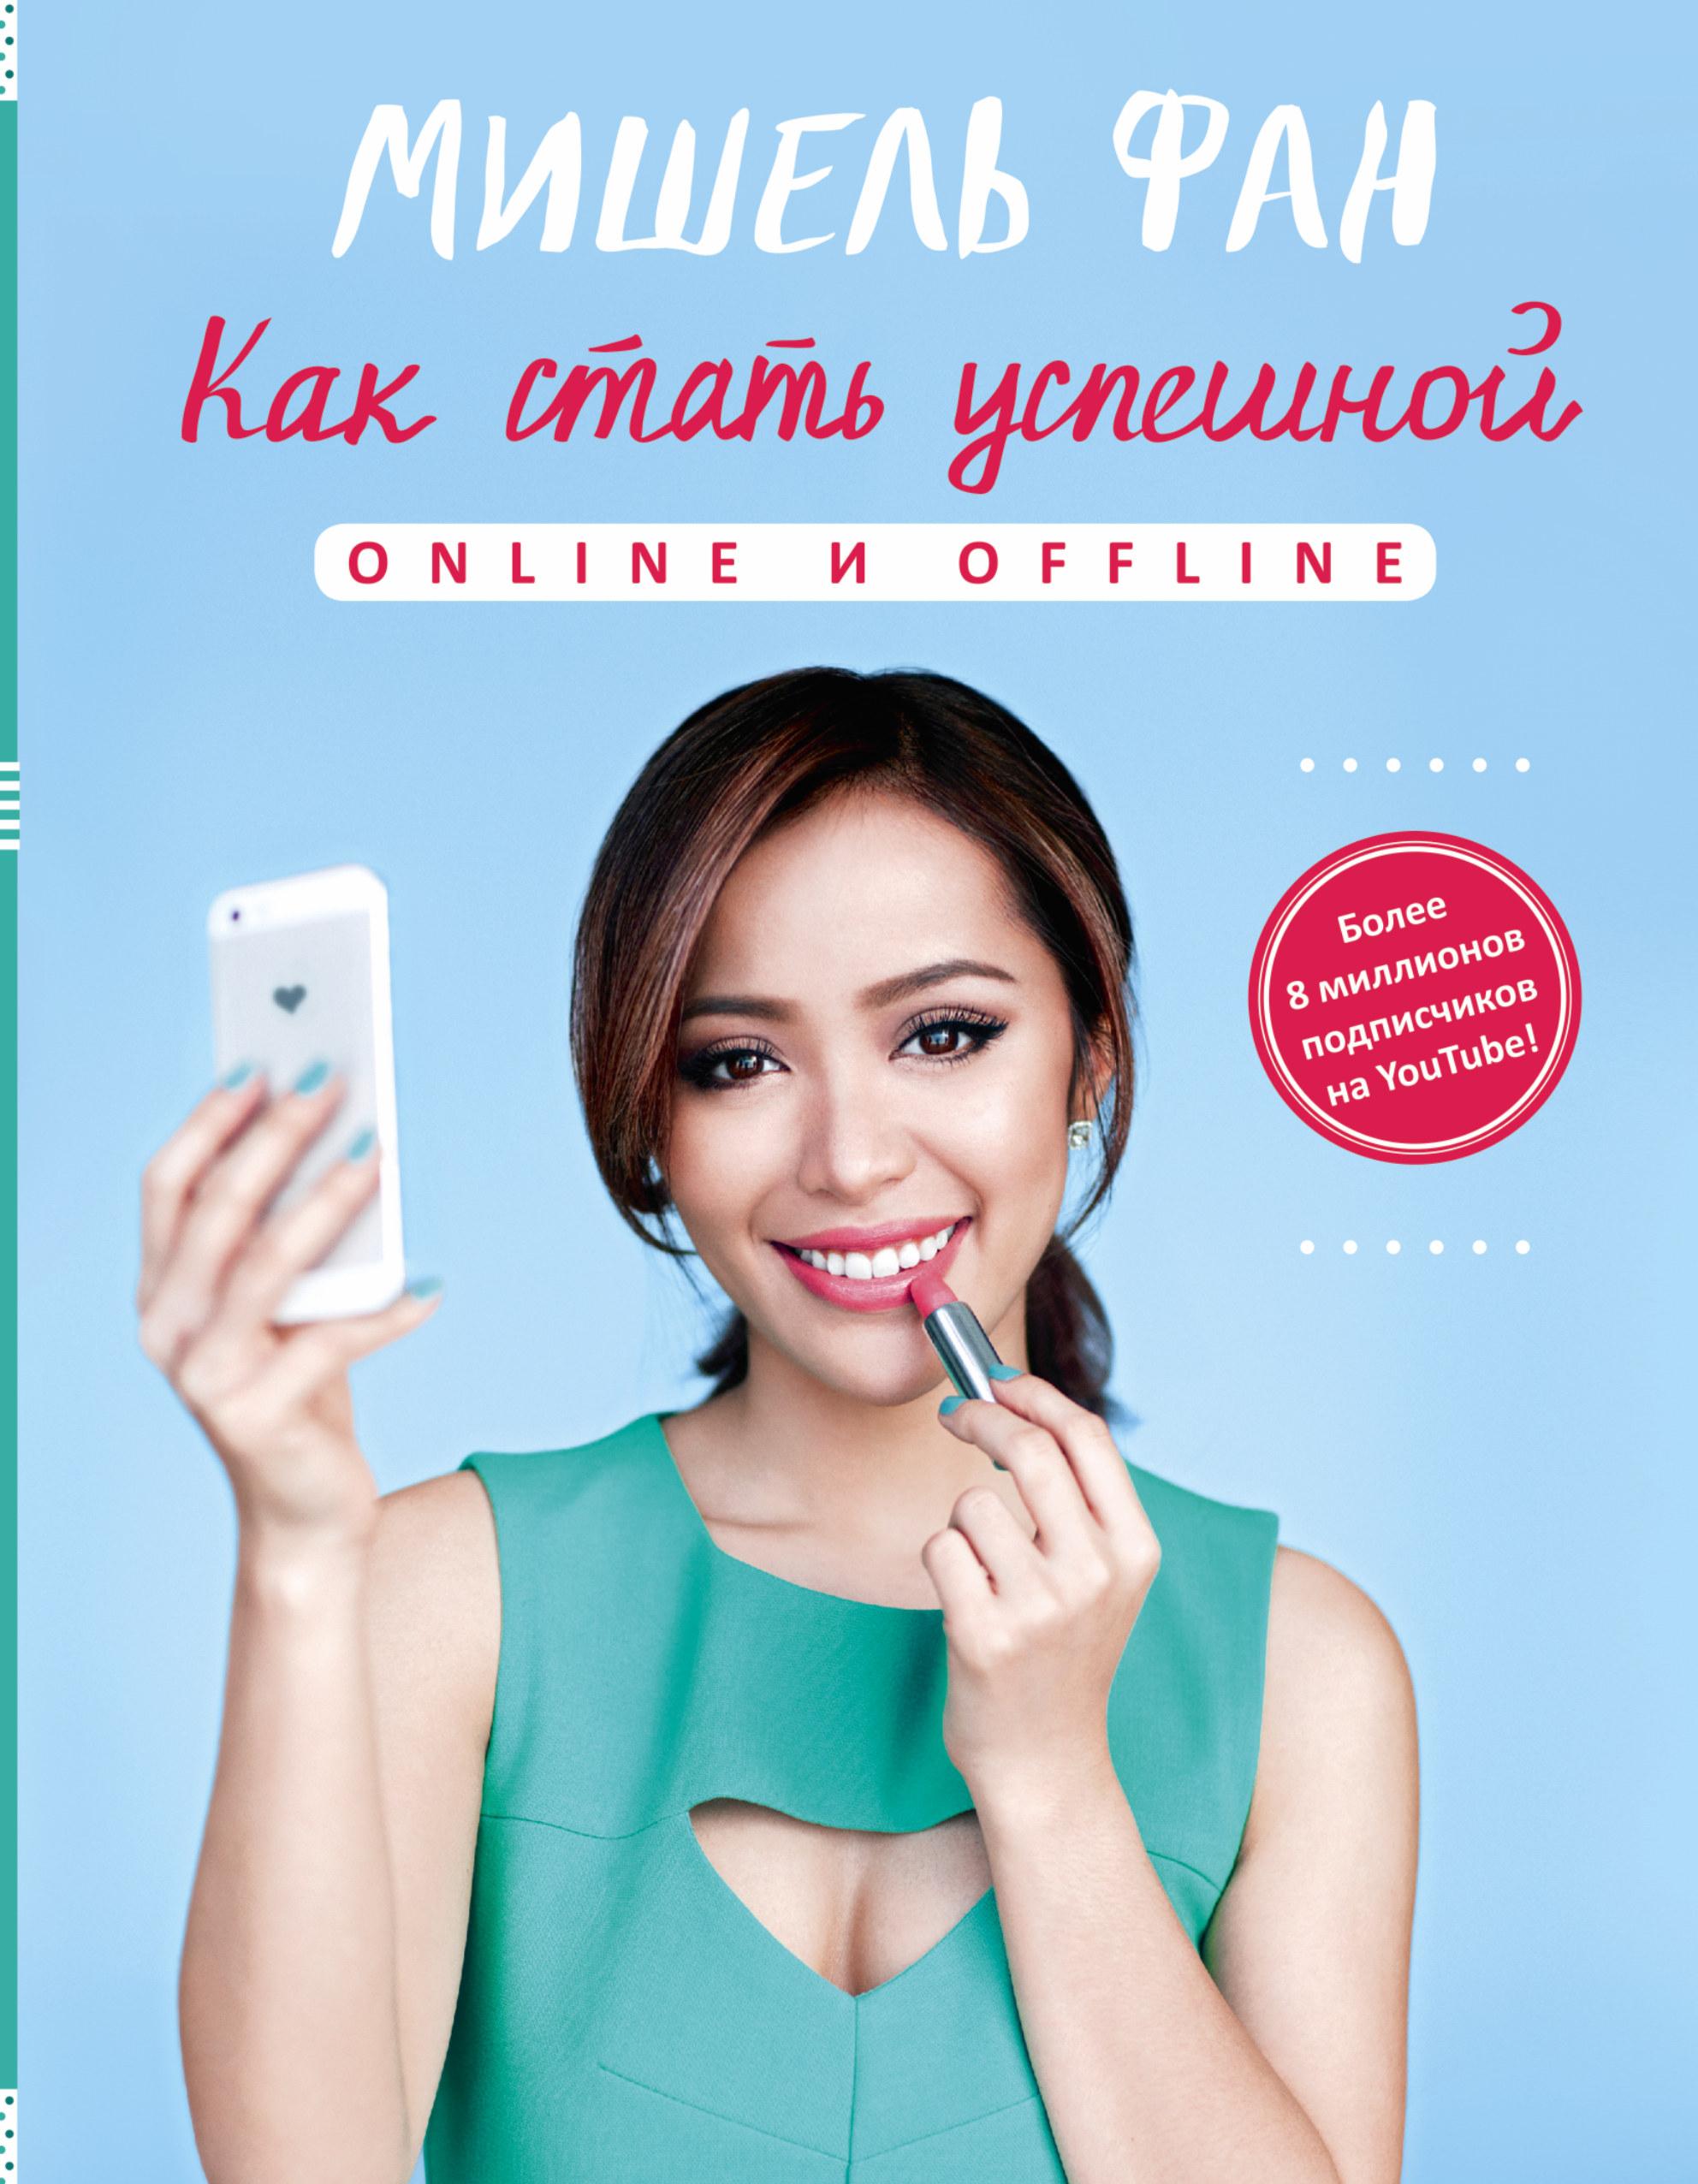 Фан Мишель Как стать успешной online и offline мишель смарт любовный ультиматум